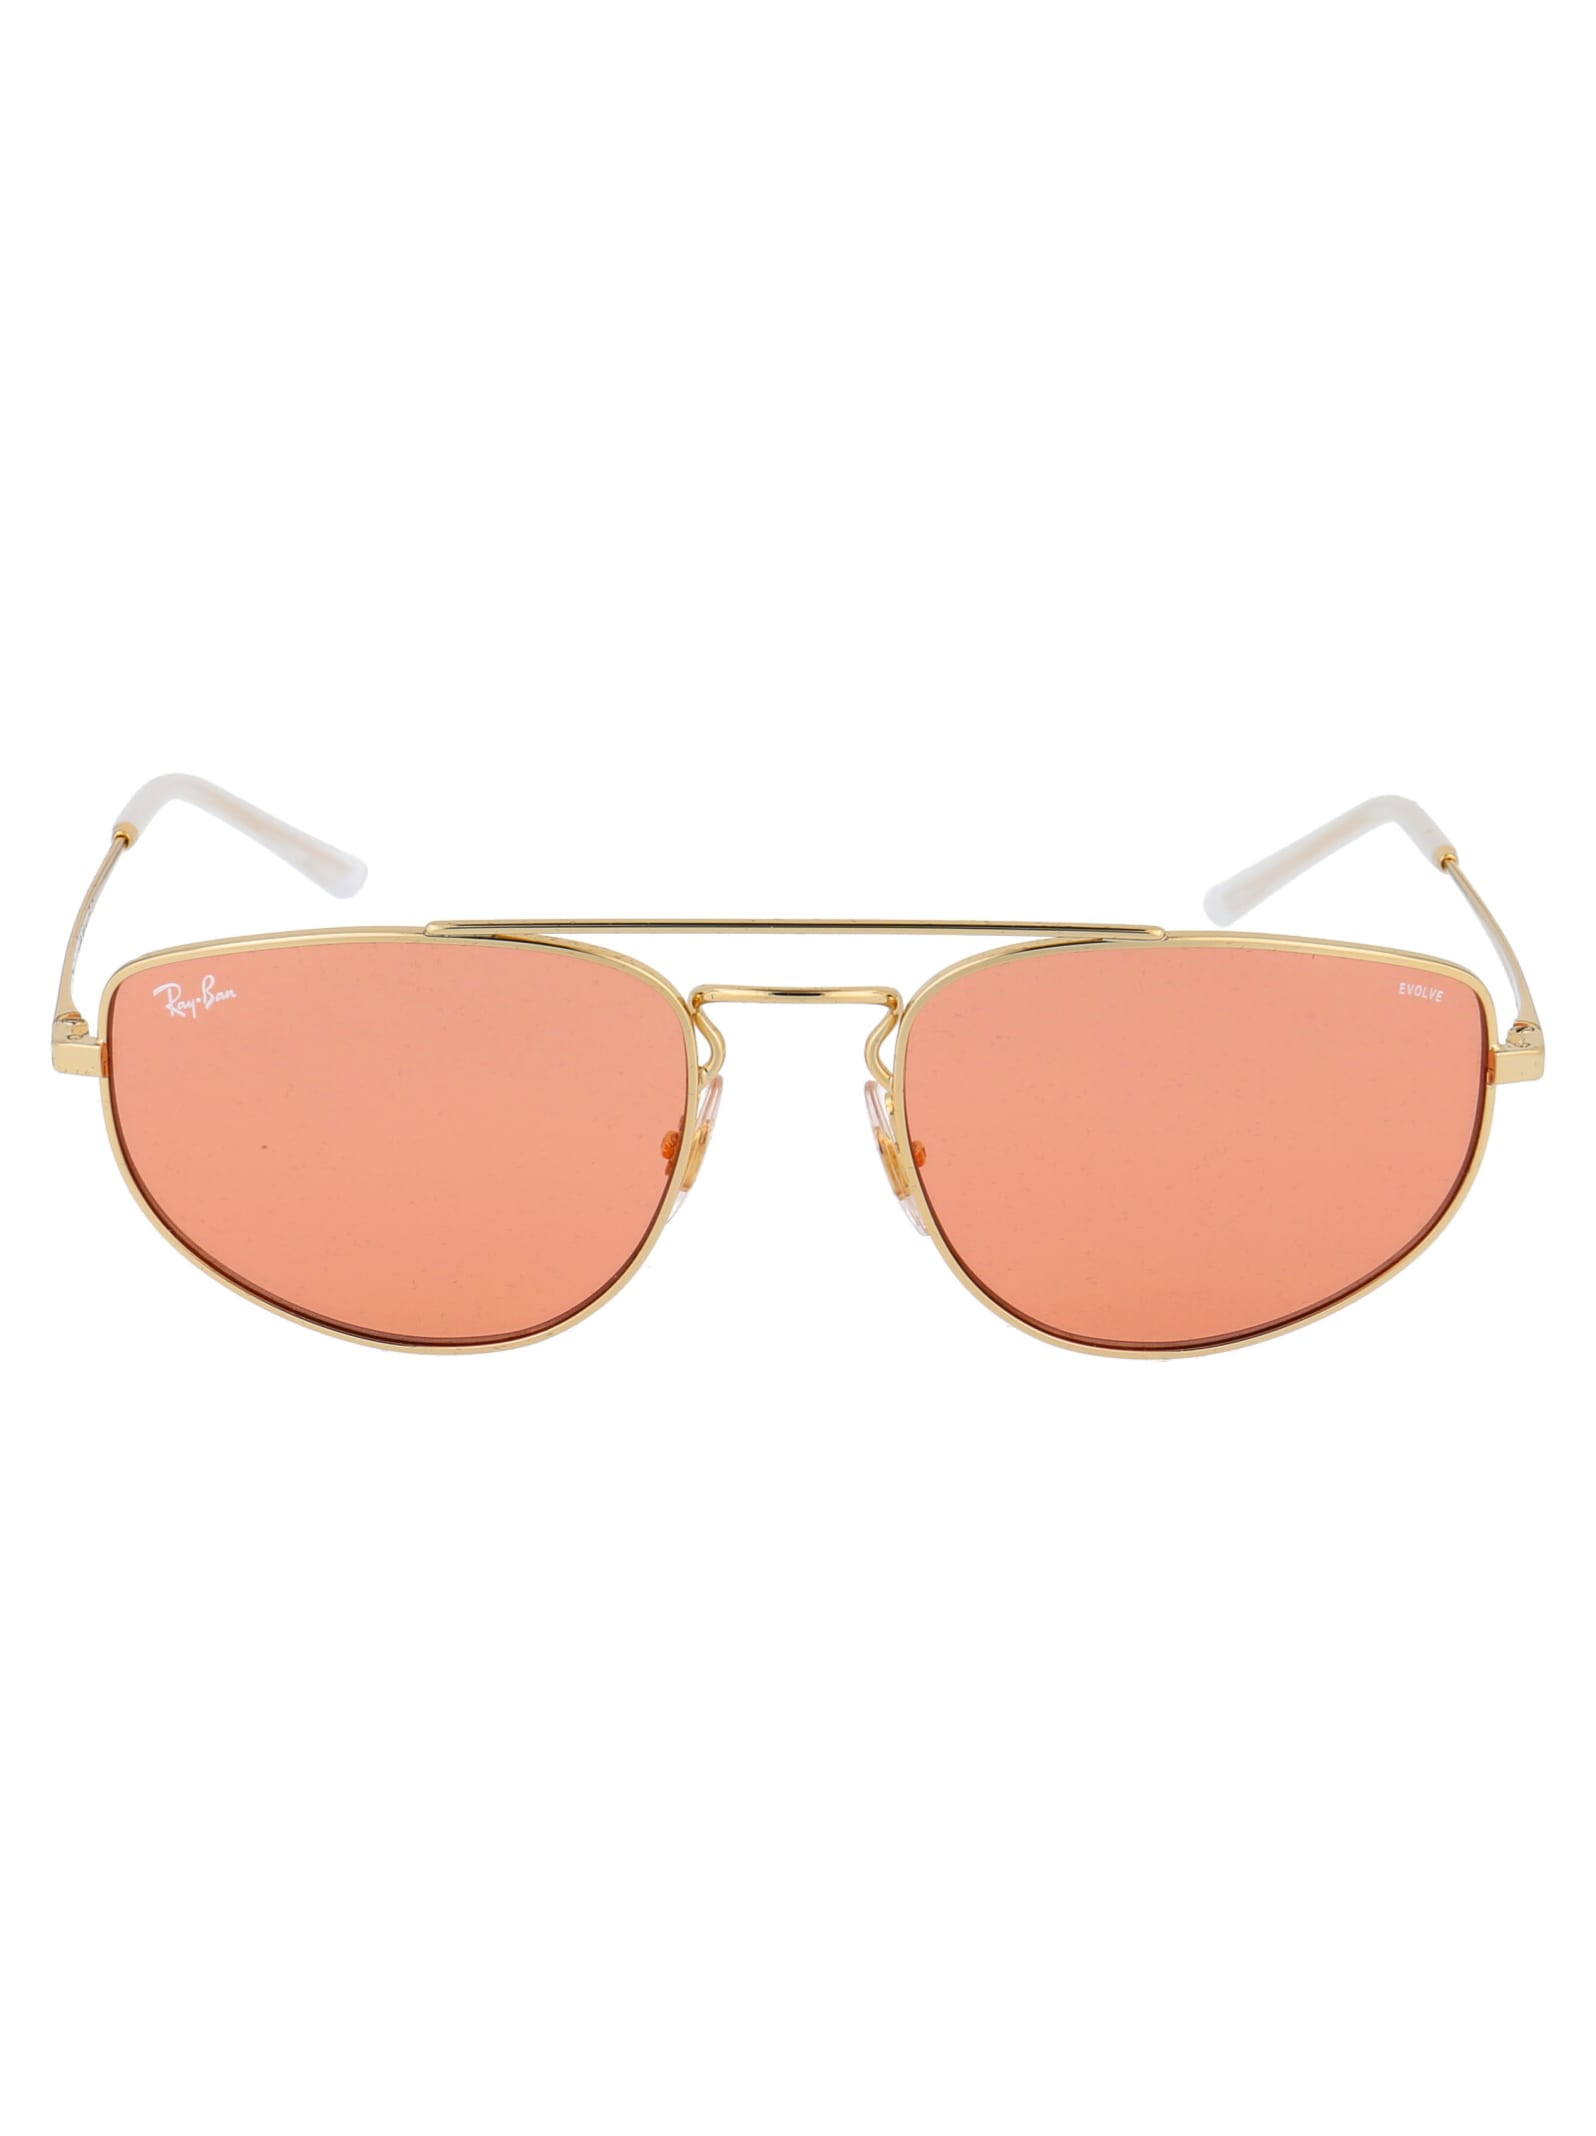 0rb3668 Sunglasses